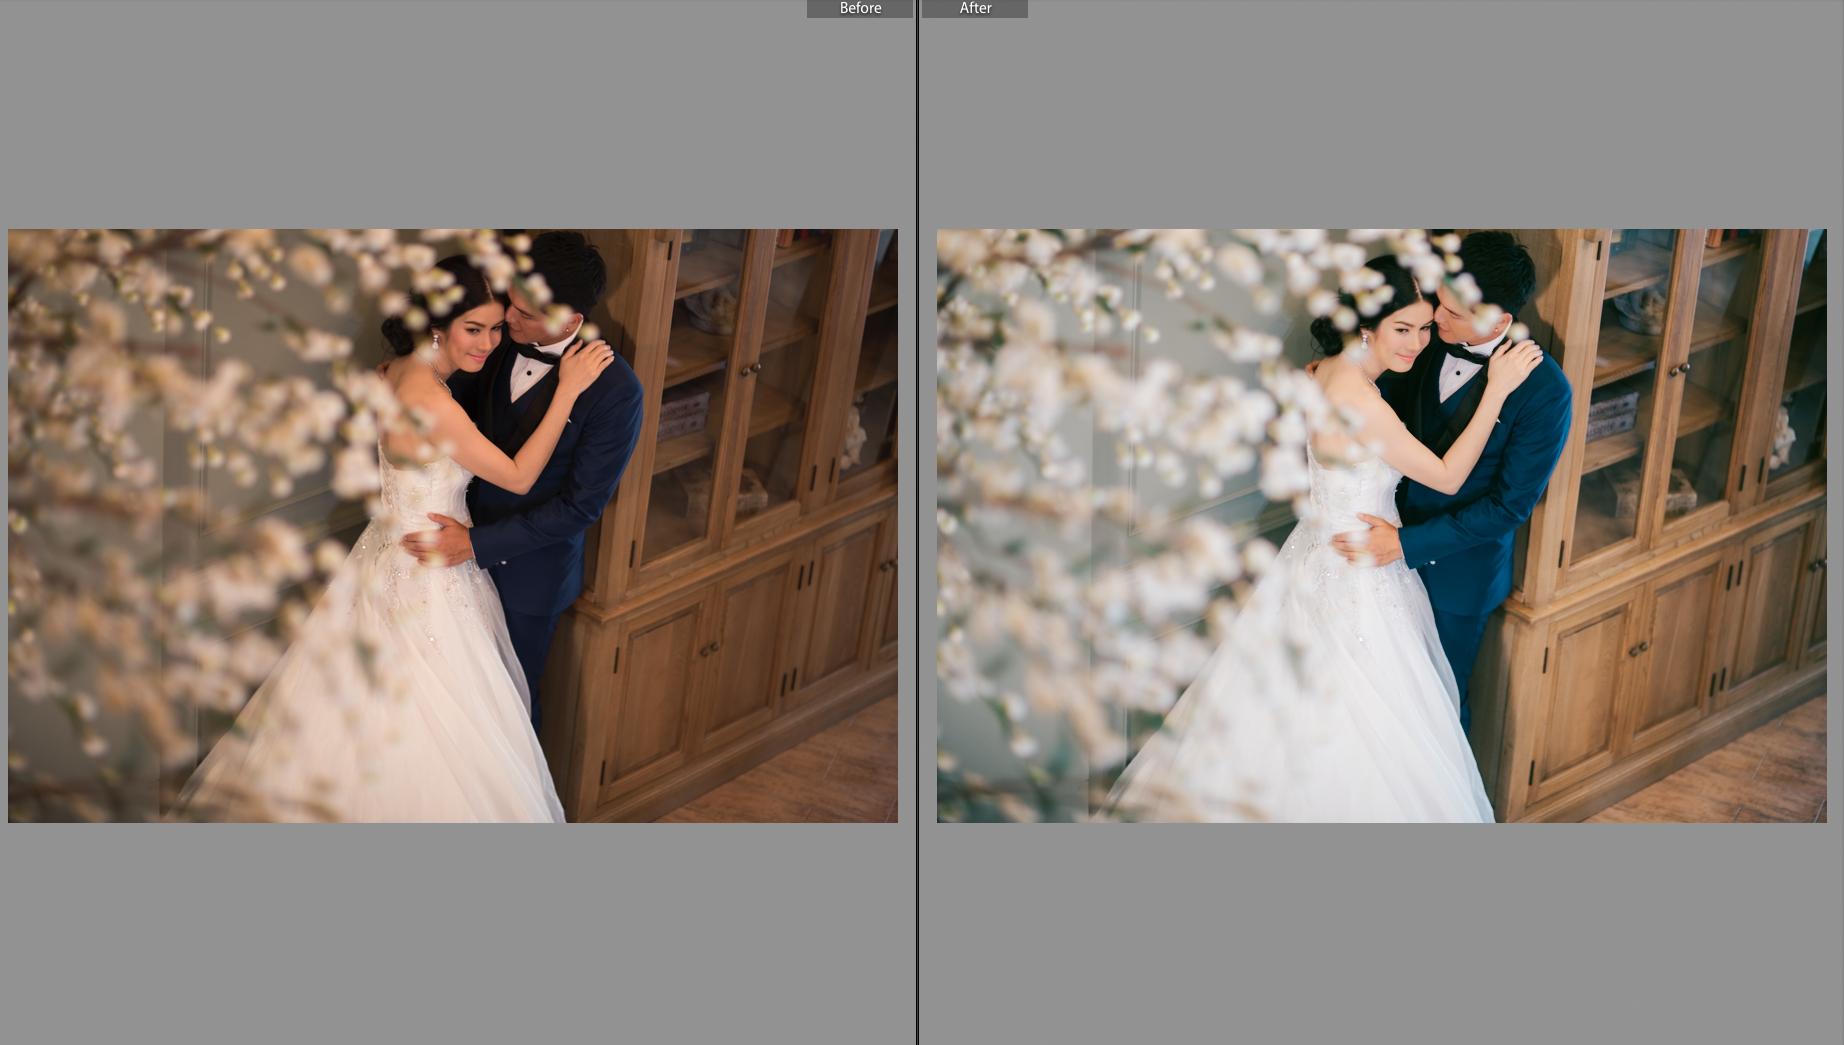 นี่คือตัวอย่างภาพ ด้านซ้ายมือ คือ ภาพที่ยังไม่ได้แต่ง และ ภาพขวามือคือภาพที่แต่งแล้วครับ ^^